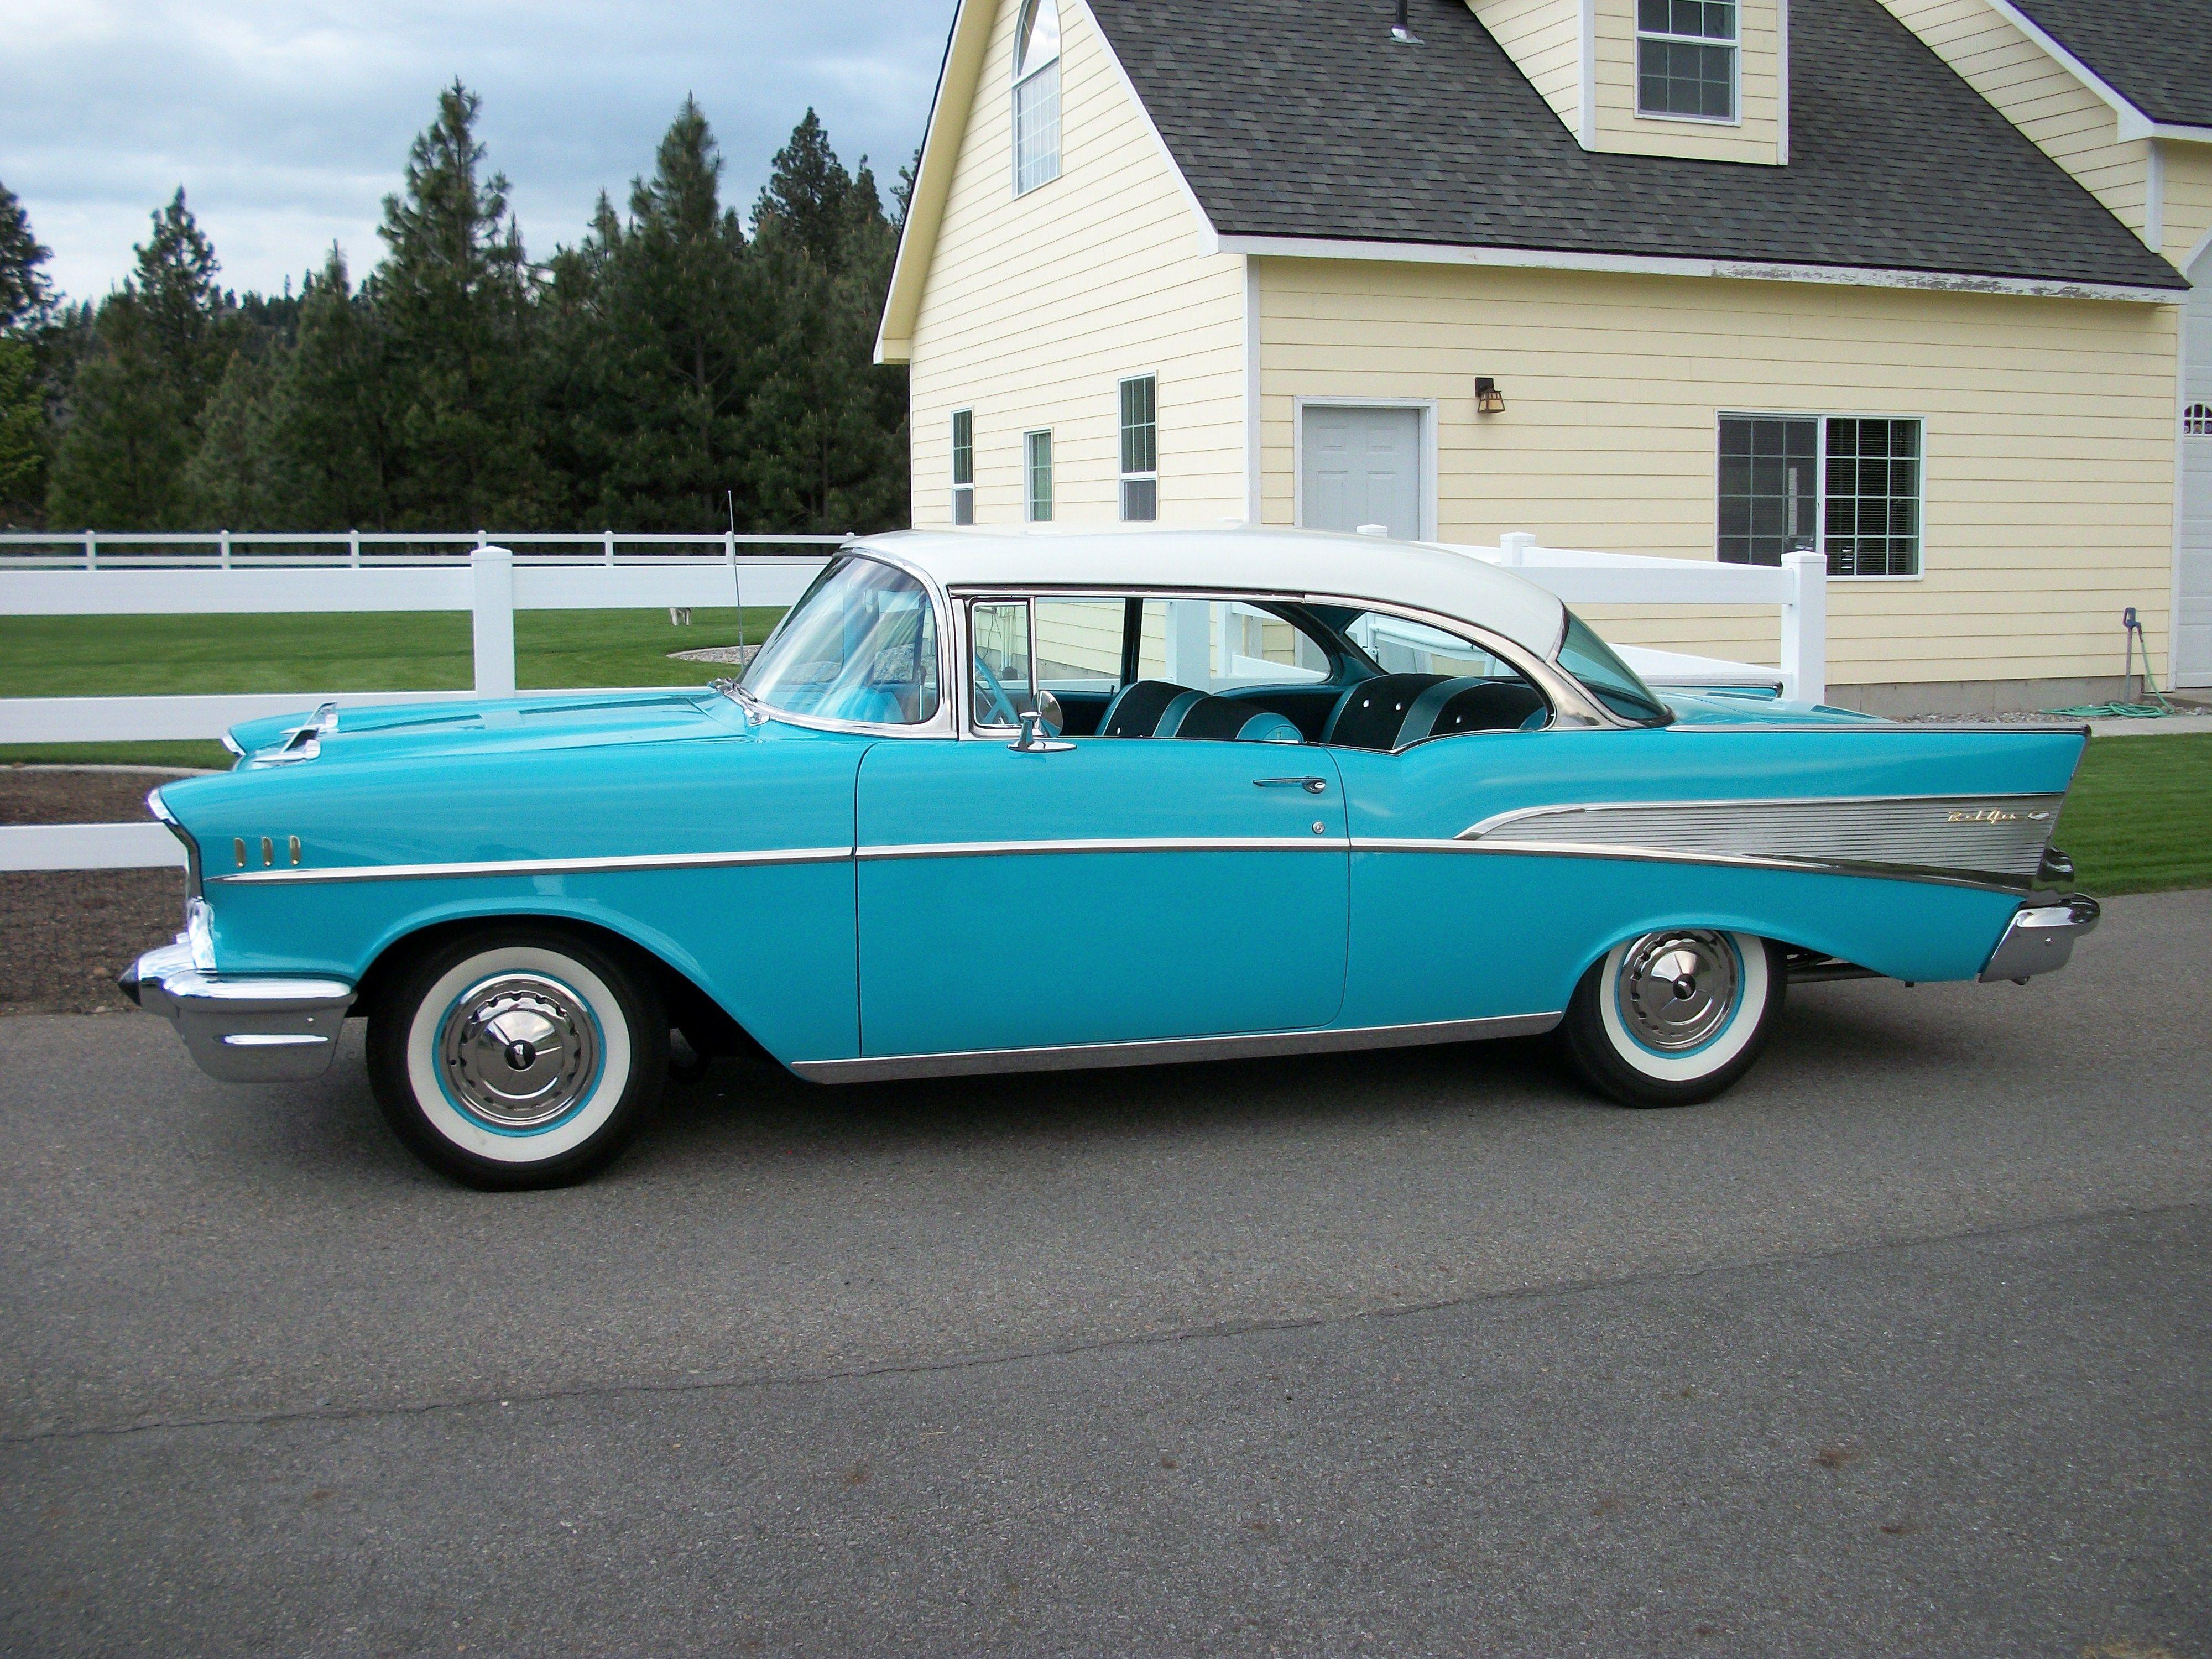 1957 Chevrolet Bel Air 2 Door Hardtop | 1957 chevrolet, Bel air ...